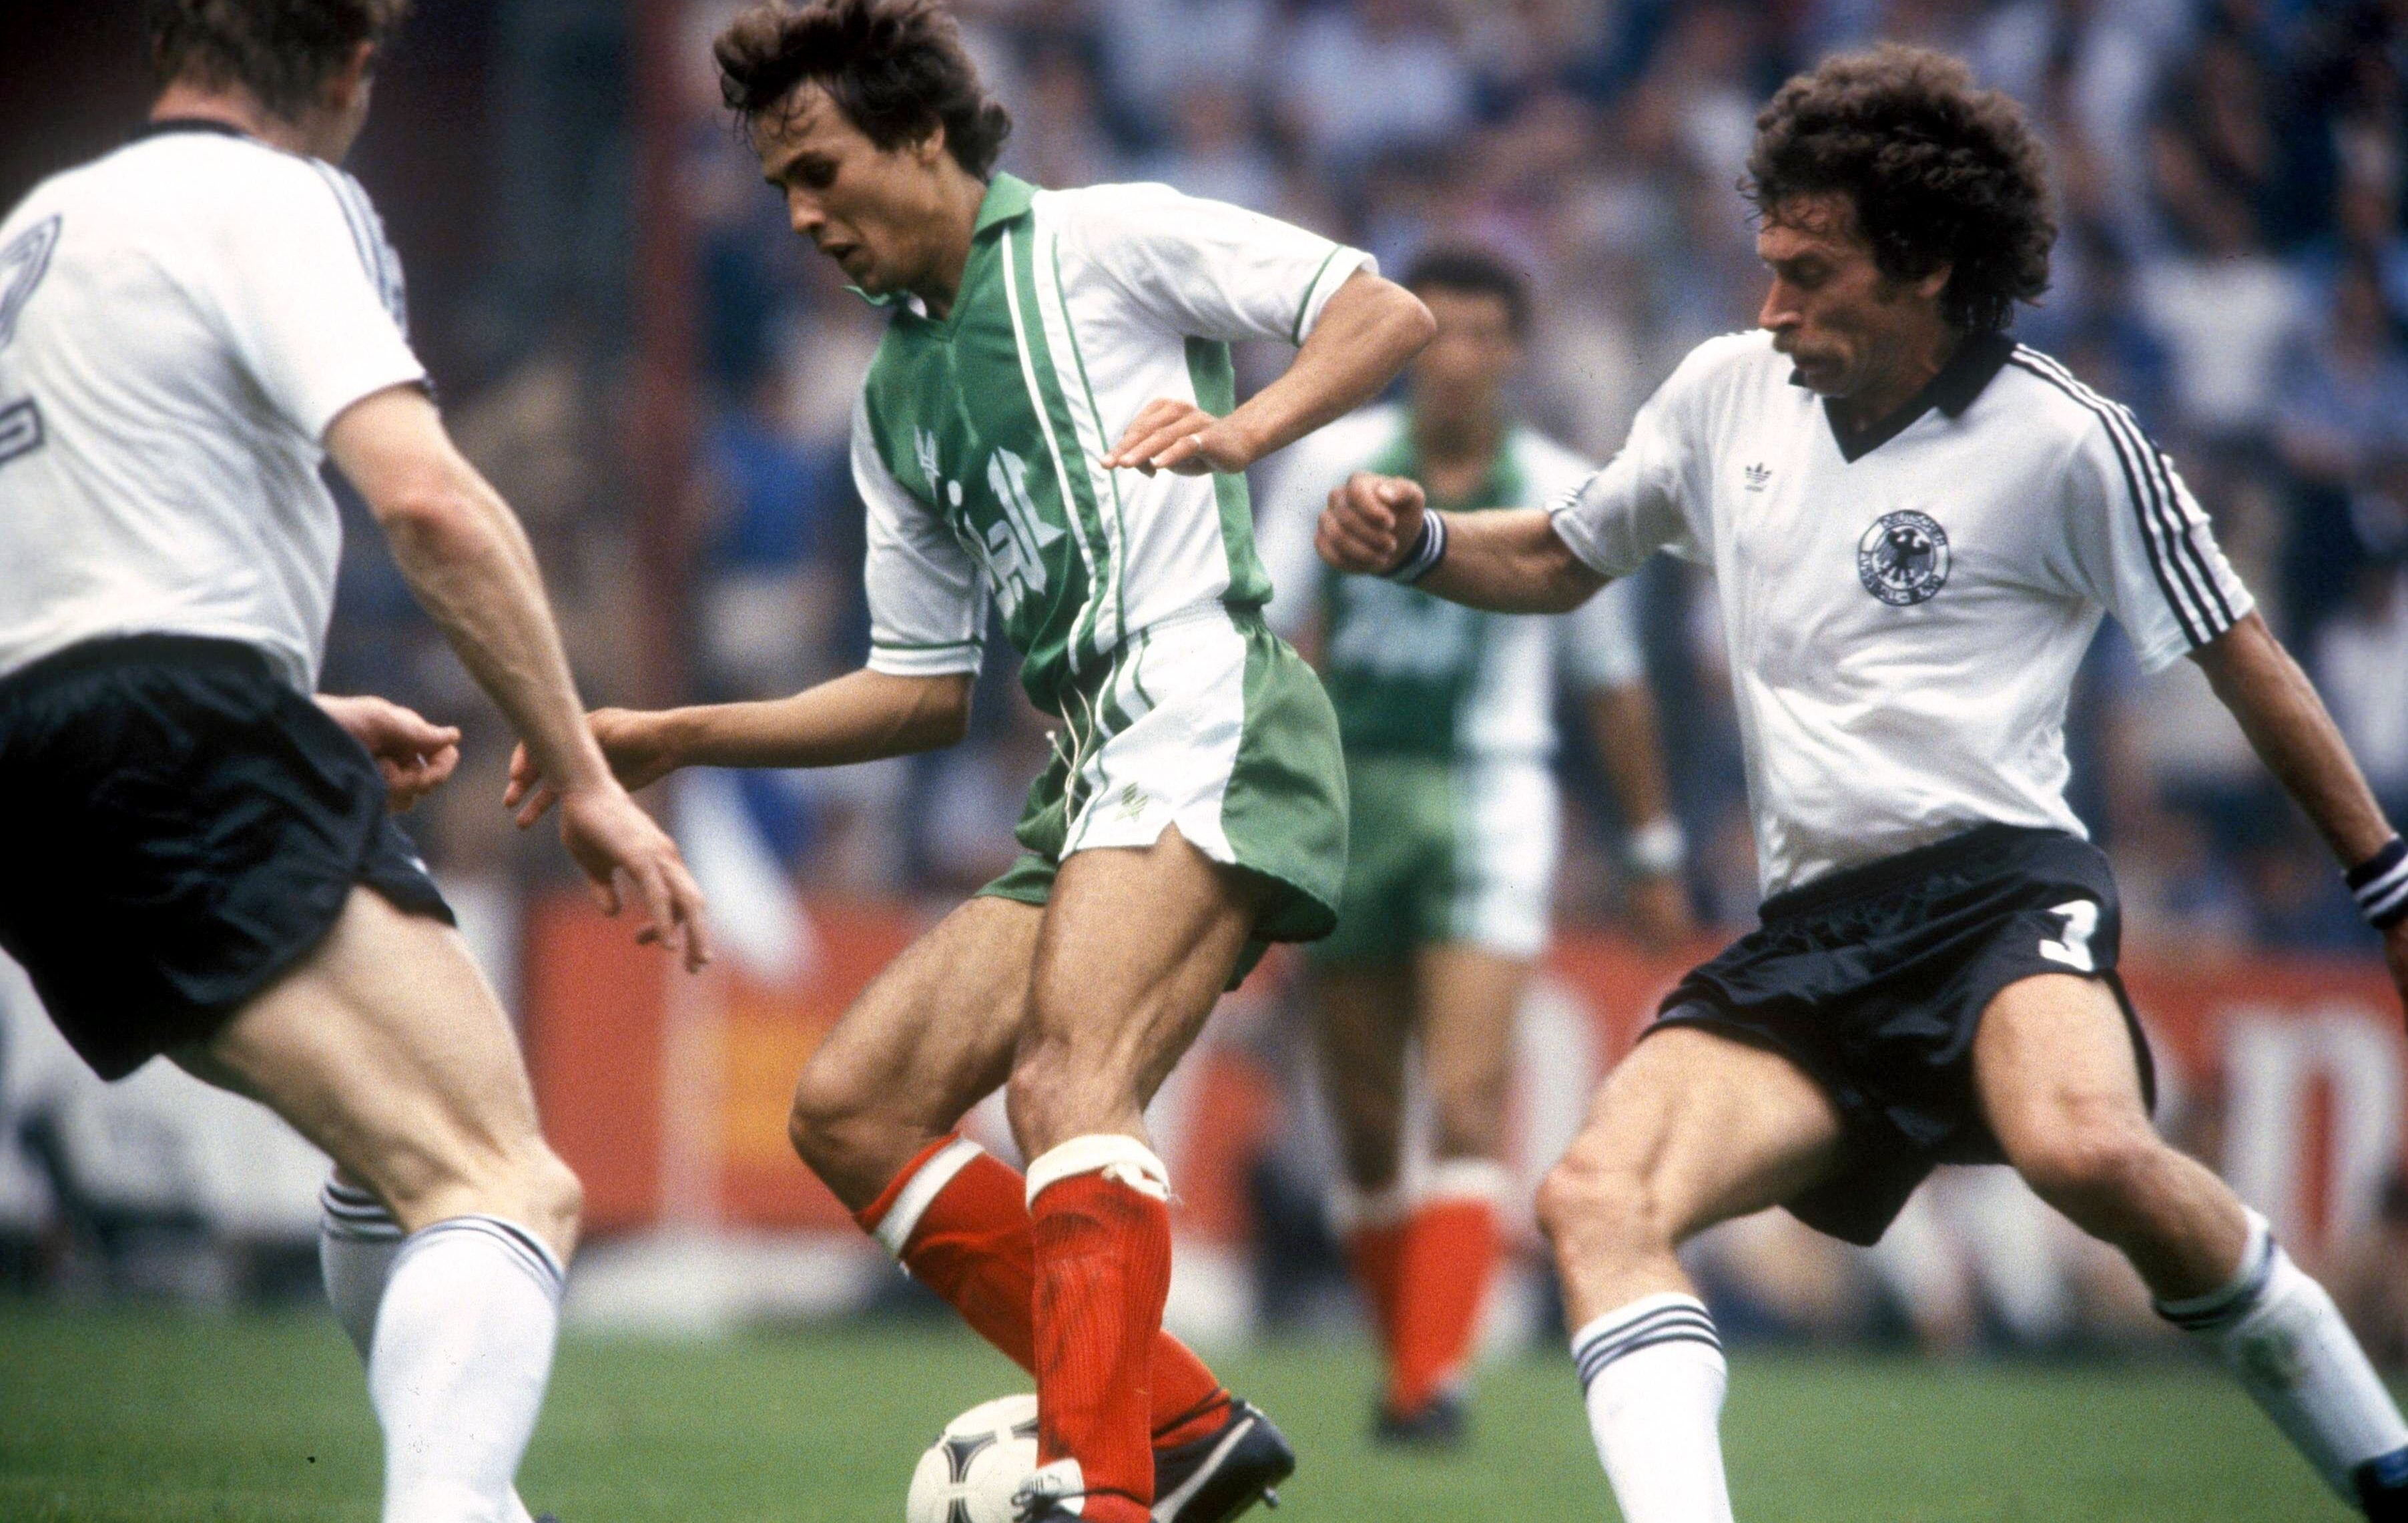 Allemagne alg rie le poids du pass 2014 br sil coupe du monde football - Jeux de football coupe du monde 2014 ...